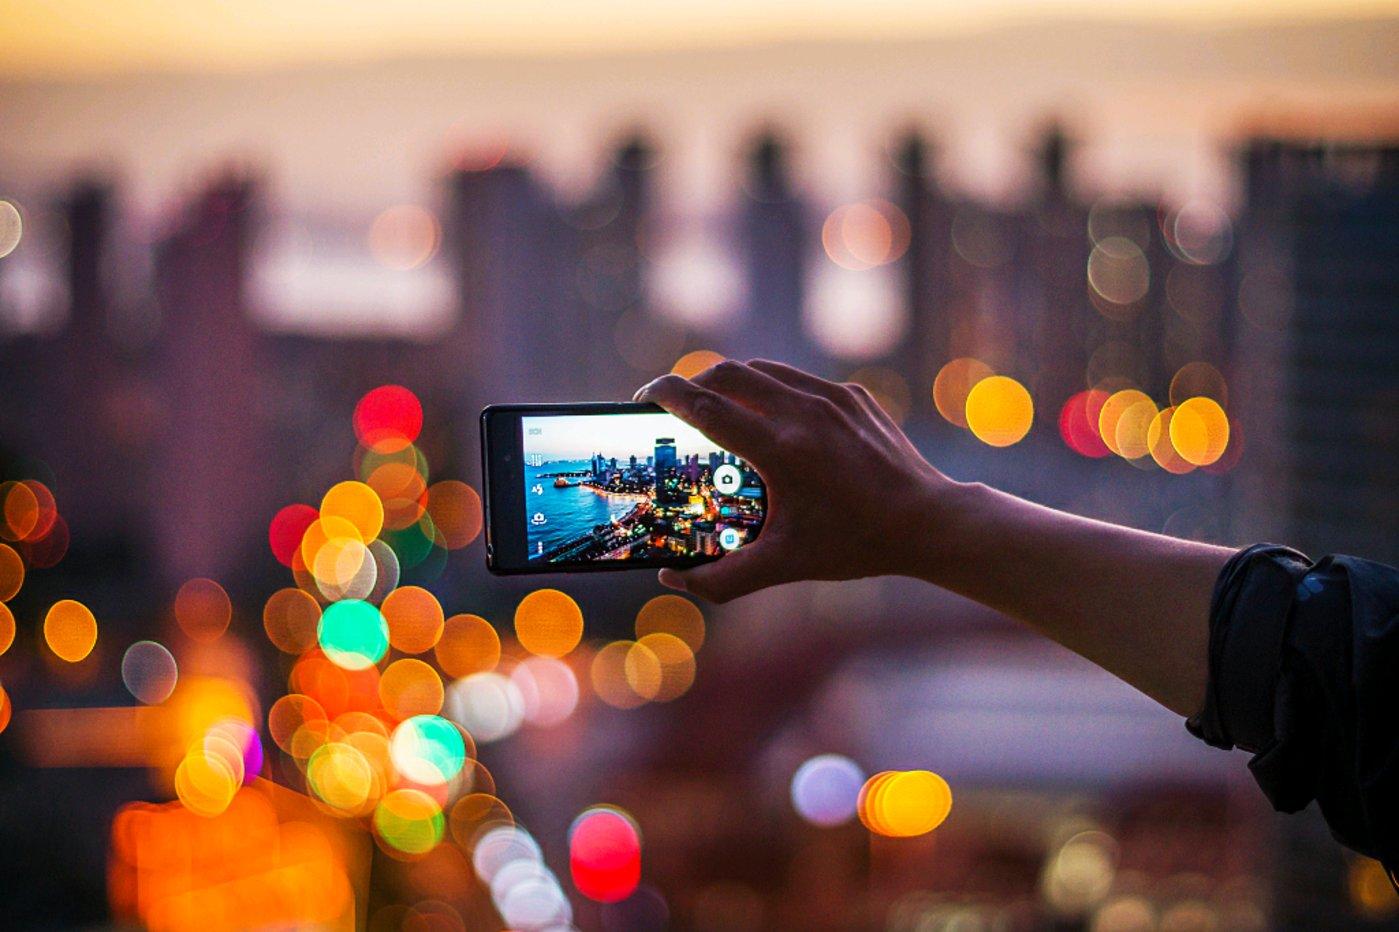 微博2018智能手机报告:安卓用户换机首选从iPhone变为华为 钛快讯